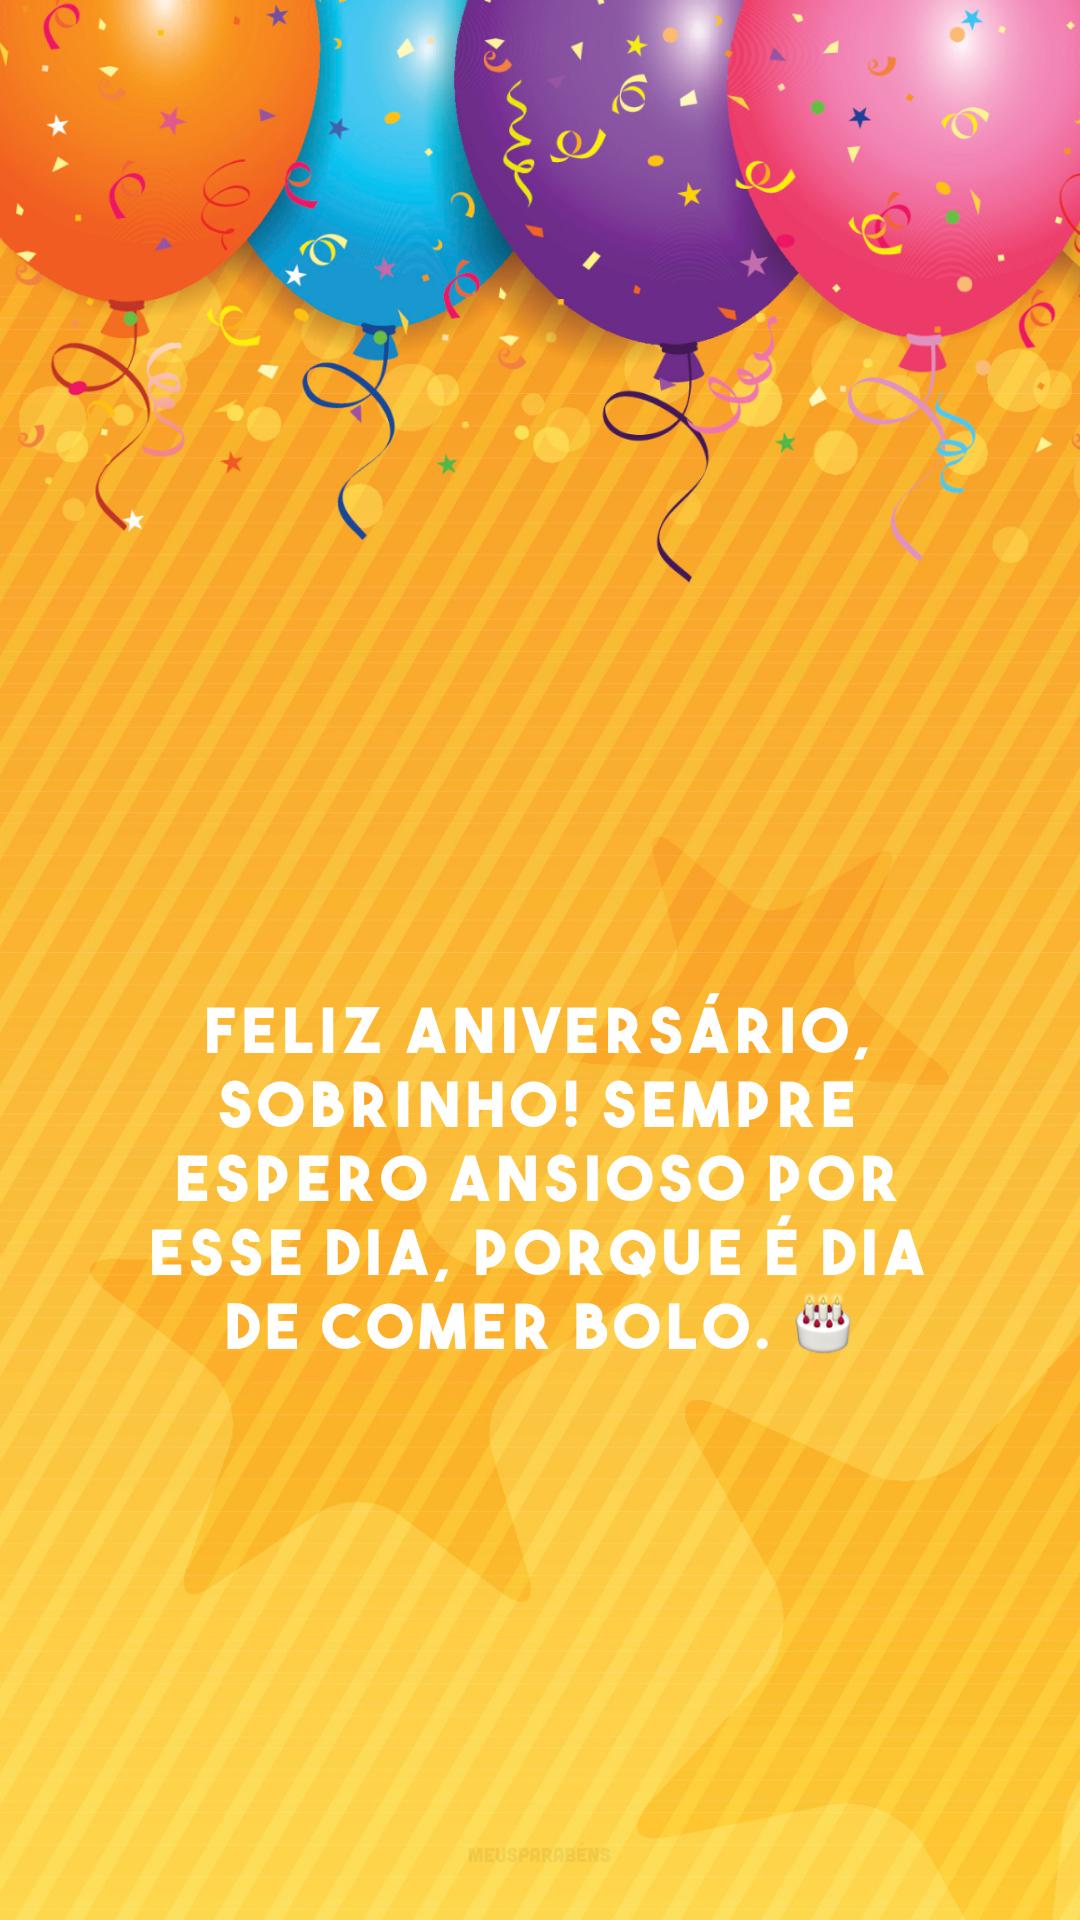 Feliz aniversário, sobrinho! Sempre espero ansioso por esse dia, porque é dia de comer bolo. 🎂